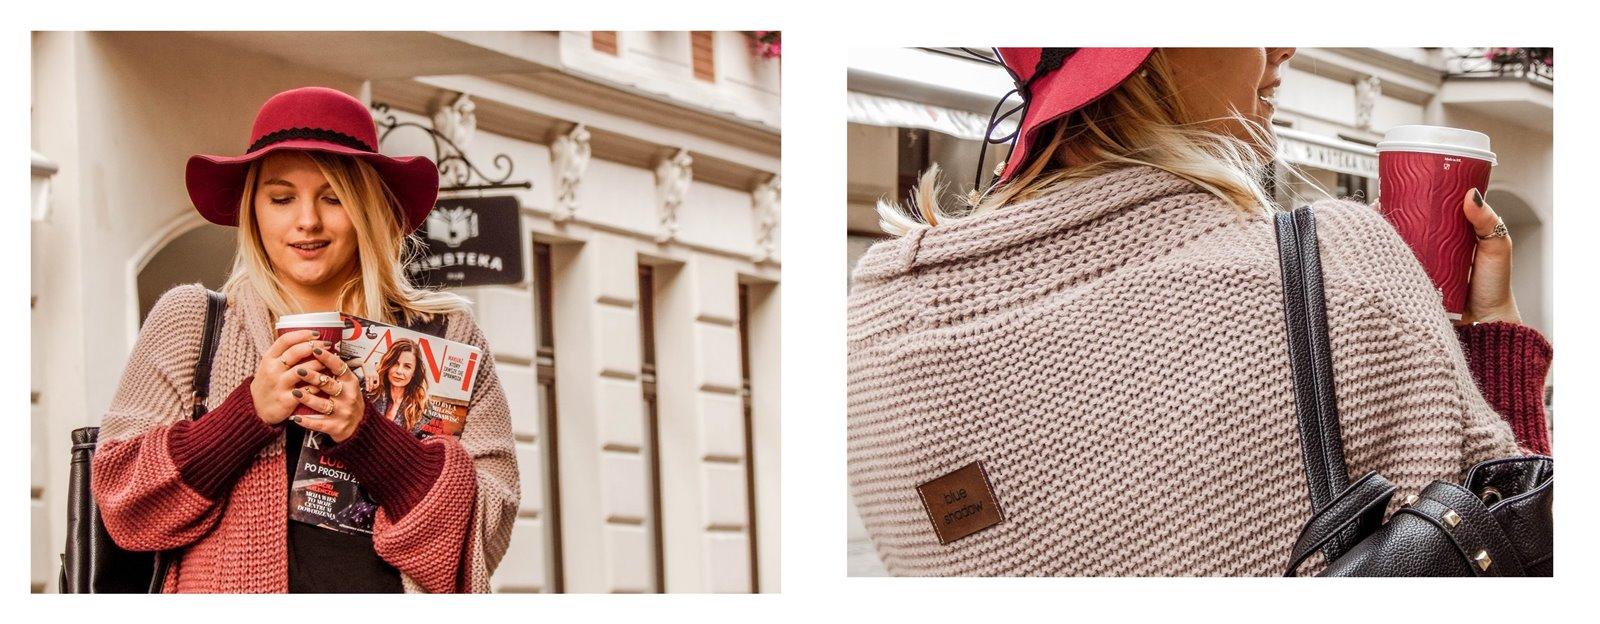 8a detale zegarek daniel wellington złote pierścionki pomysł na stylizacje prezent modnapolka łódź outfit jak nosić swetry owersize plecak z ćwiekami nobo bags torebki opinie recenzje blueshadow bonprix selfieroom